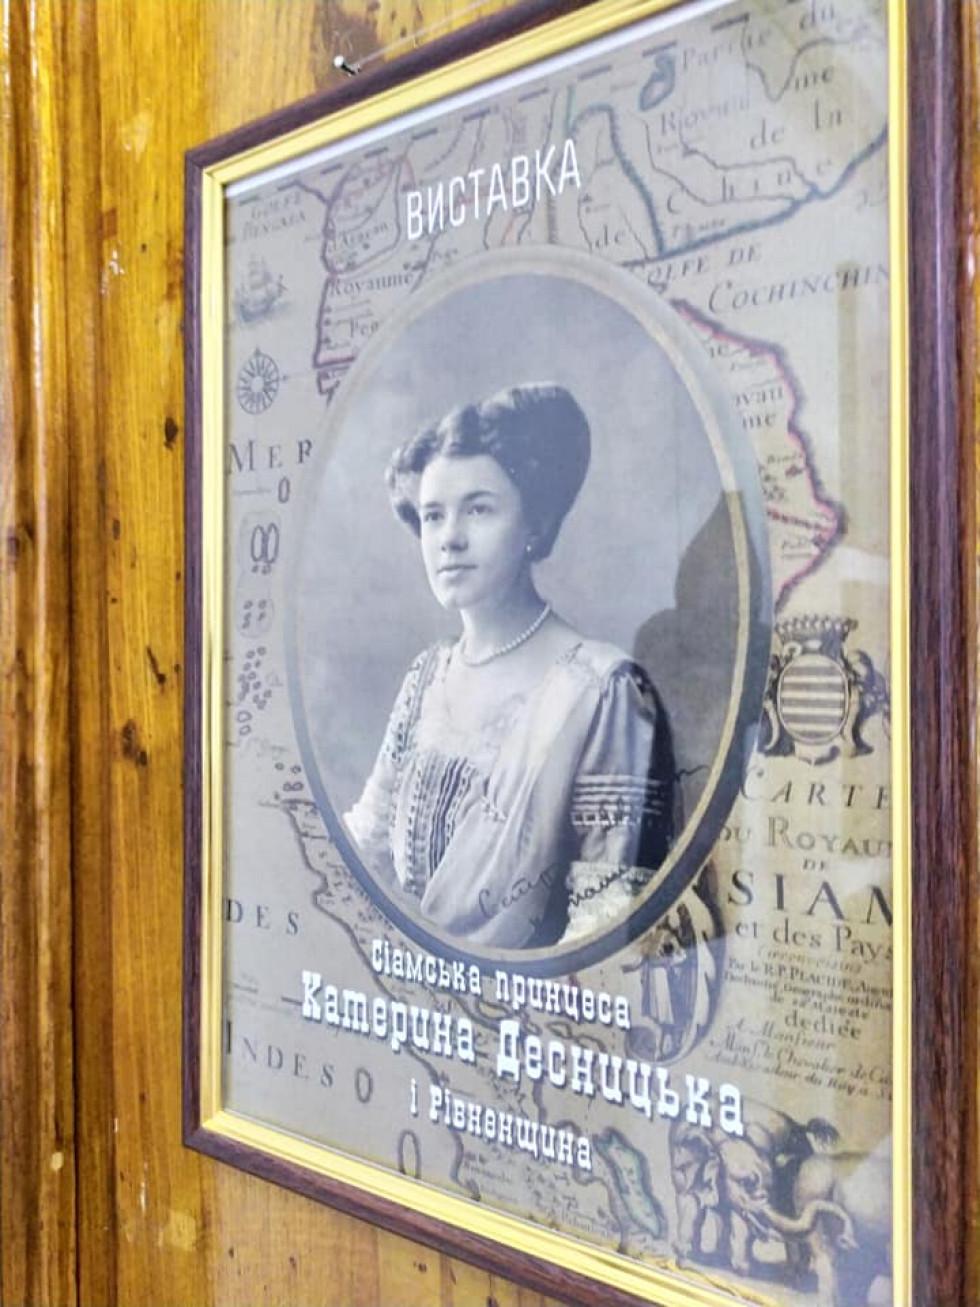 Рівняни можуть побачити світлини і документи з житті Катерини Десницької